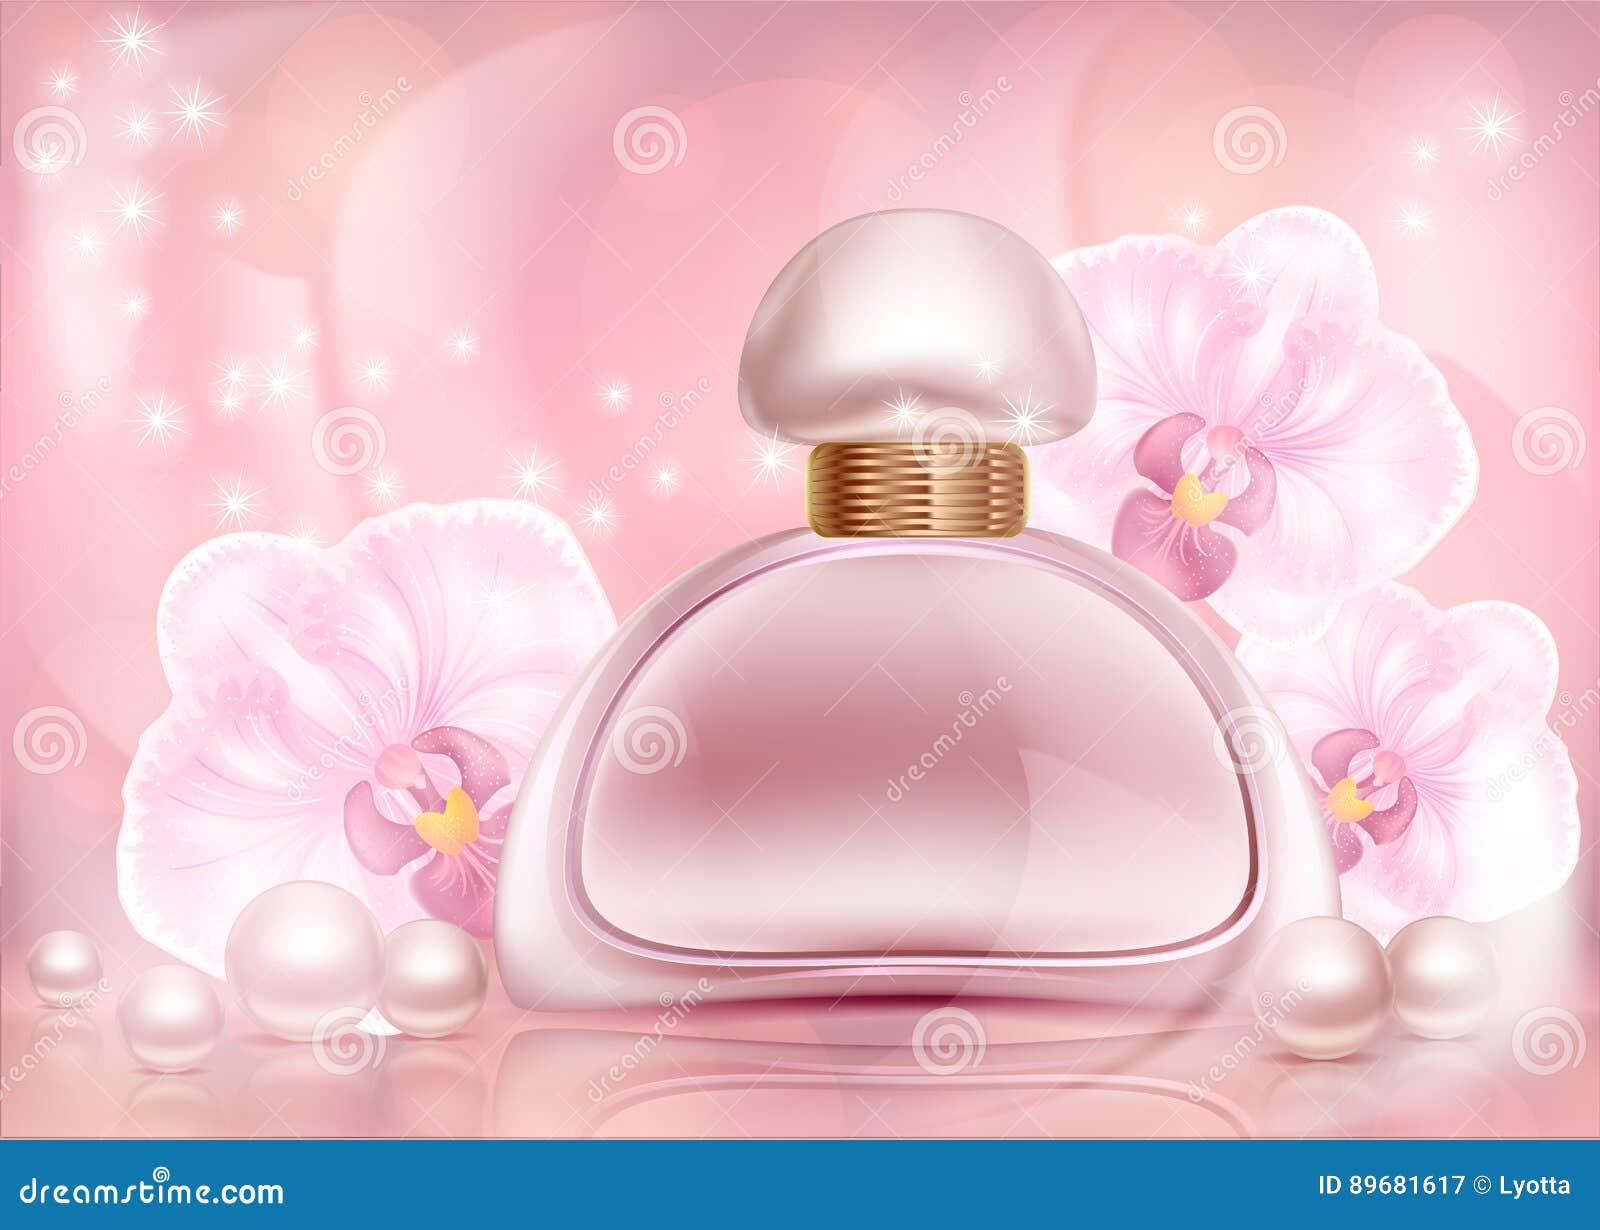 Надушите розовую бутылку рекламы с орхидеями и жемчугами с флористическим орнаментом на сделанном по образцу годе сбора винограда